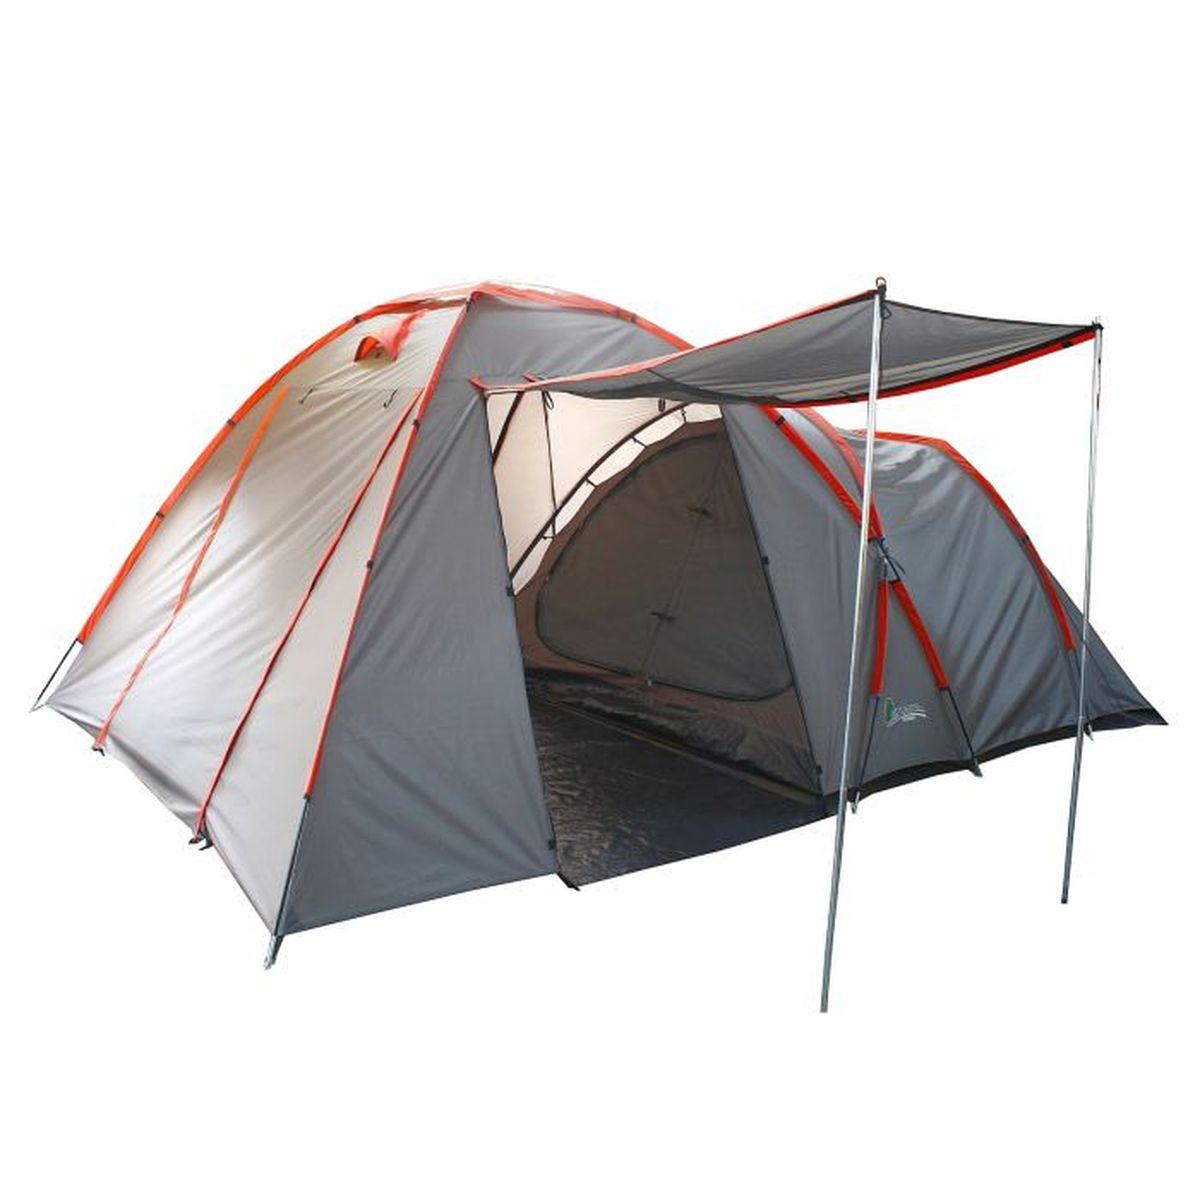 Палатка туристическая Onlitop SANTANA 4, цвет: серый776303Если вы заядлый турист или просто любитель природы, вы хоть раз задумывались о ночёвке на свежем воздухе. Чтобы провести её с комфортом, вам понадобится отличная палатка, Она обеспечит безопасный досуг и защитит от непогоды и насекомых. Ткань рипстоп гарантирует длительную эксплуатацию палатки за счёт высокой прочности материала.